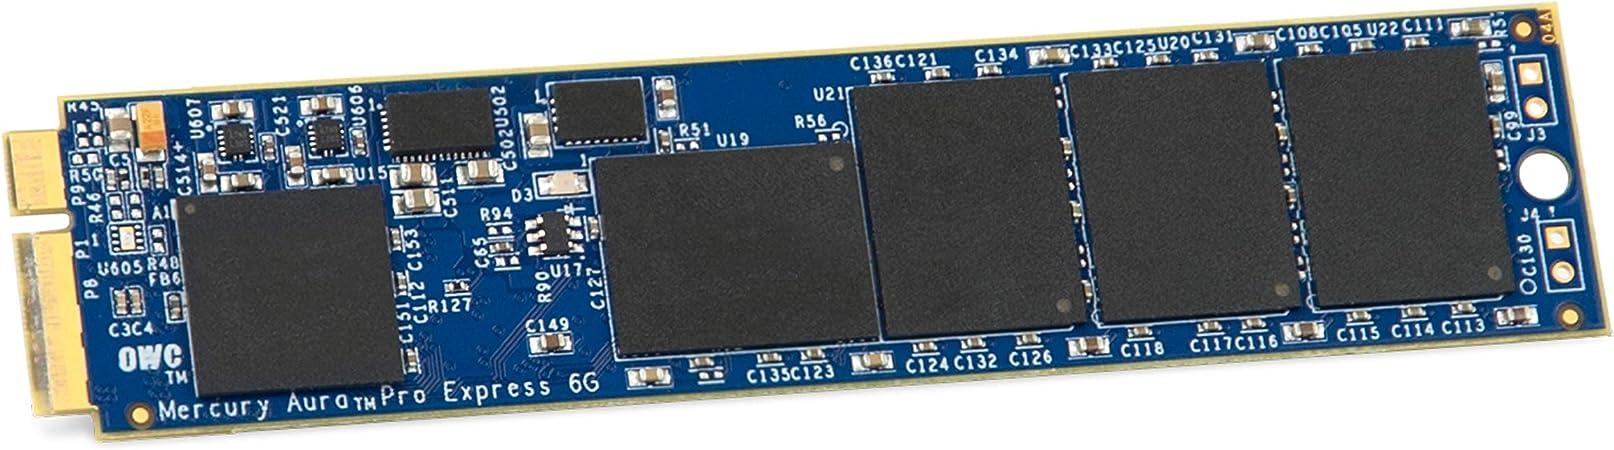 OWC Aura Pro 6G Unidad de Estado sólido 240 GB Serial ATA III MLC ...